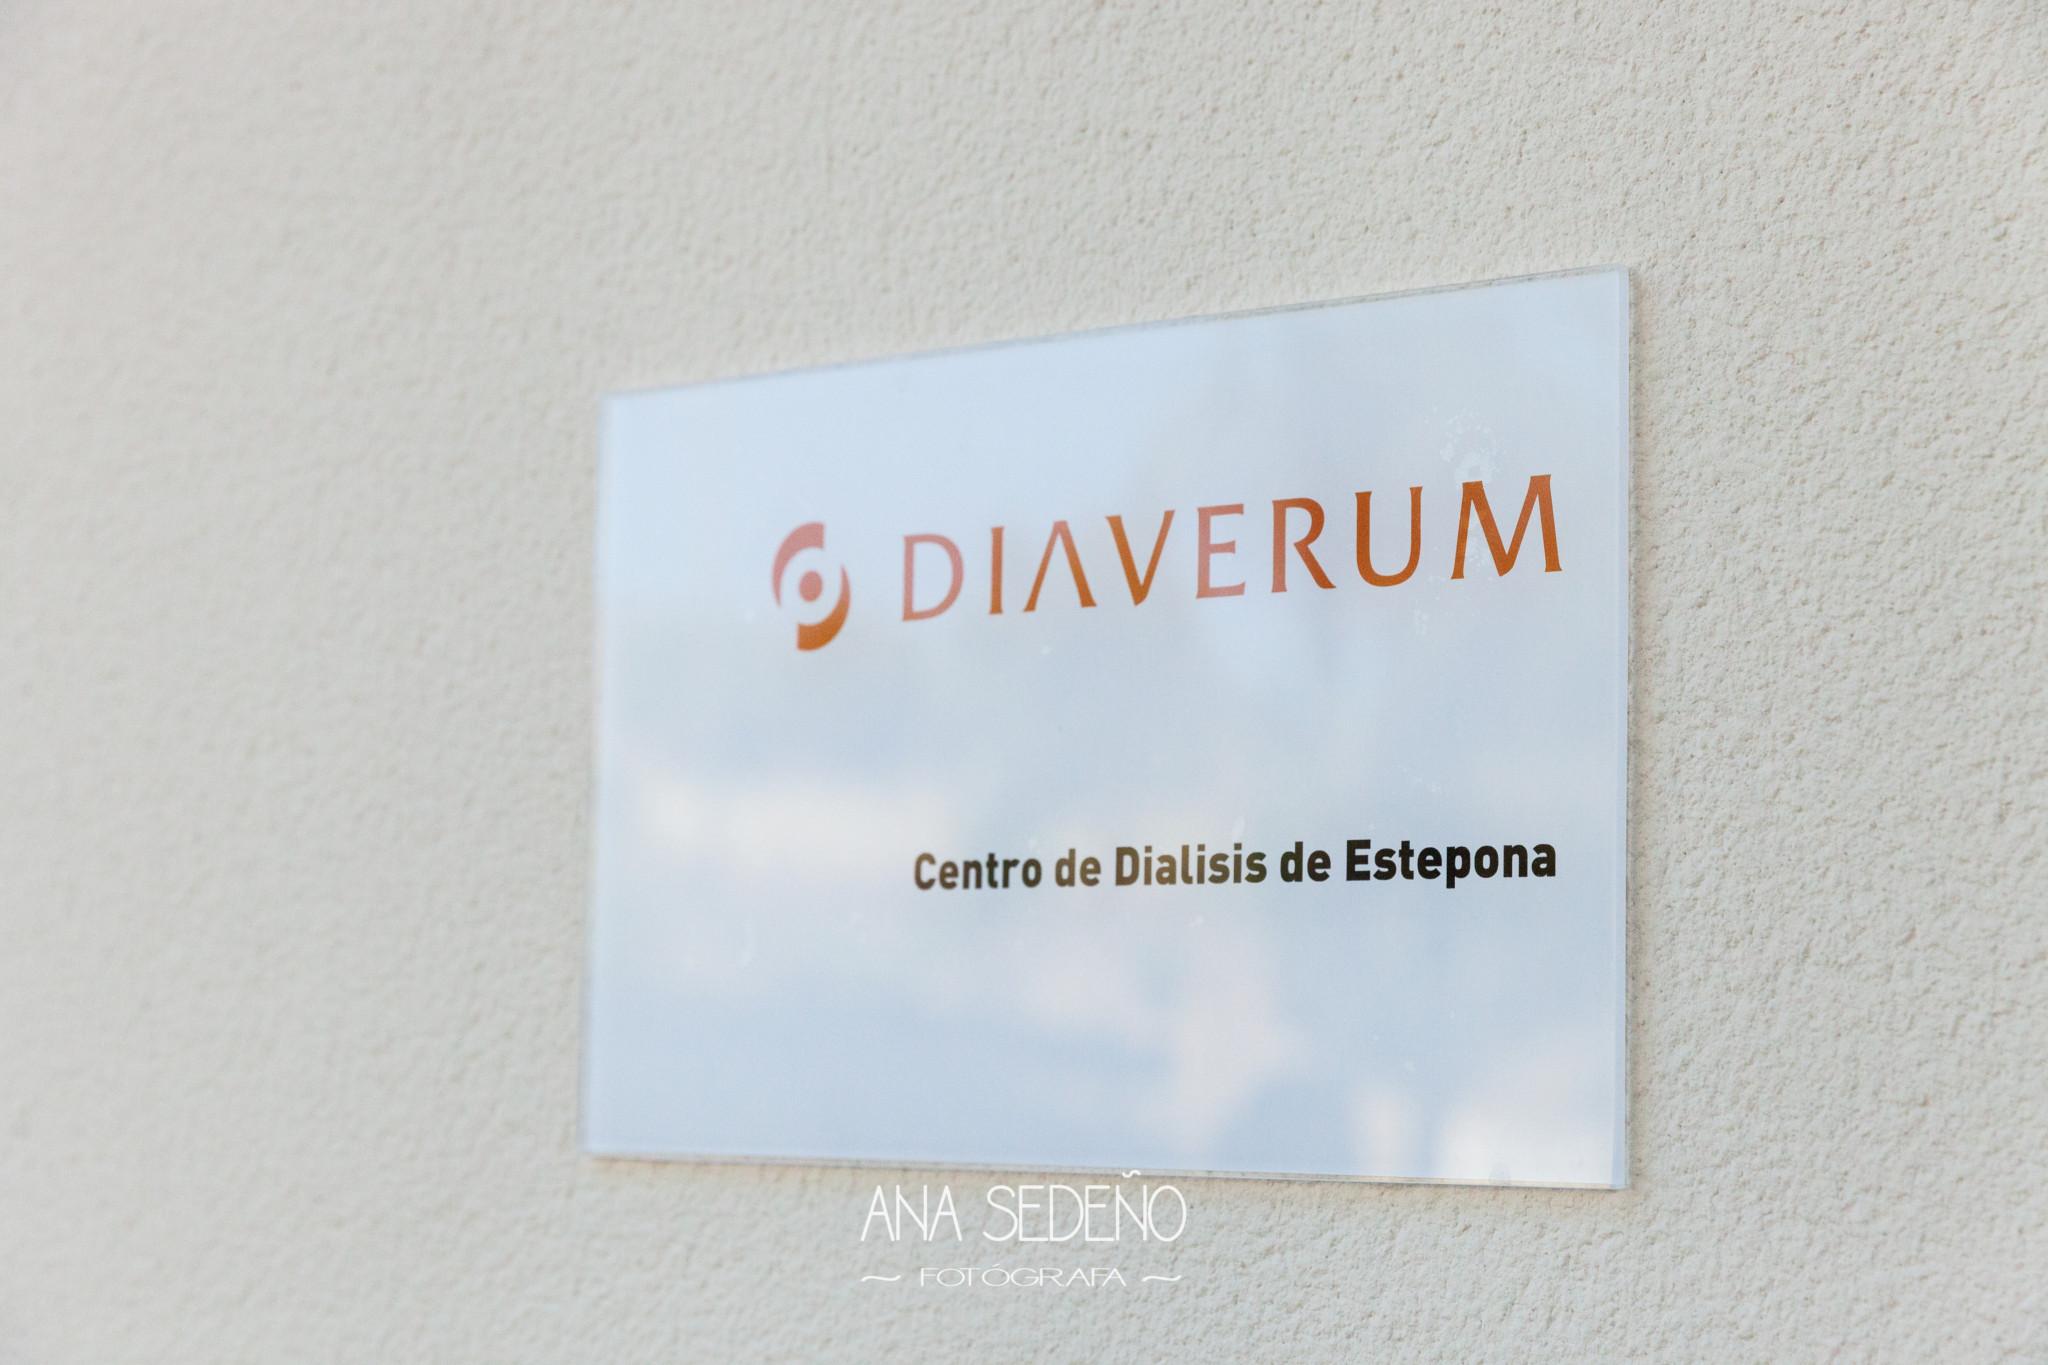 DIAVERUM. Centro de Diálisis de Estepona